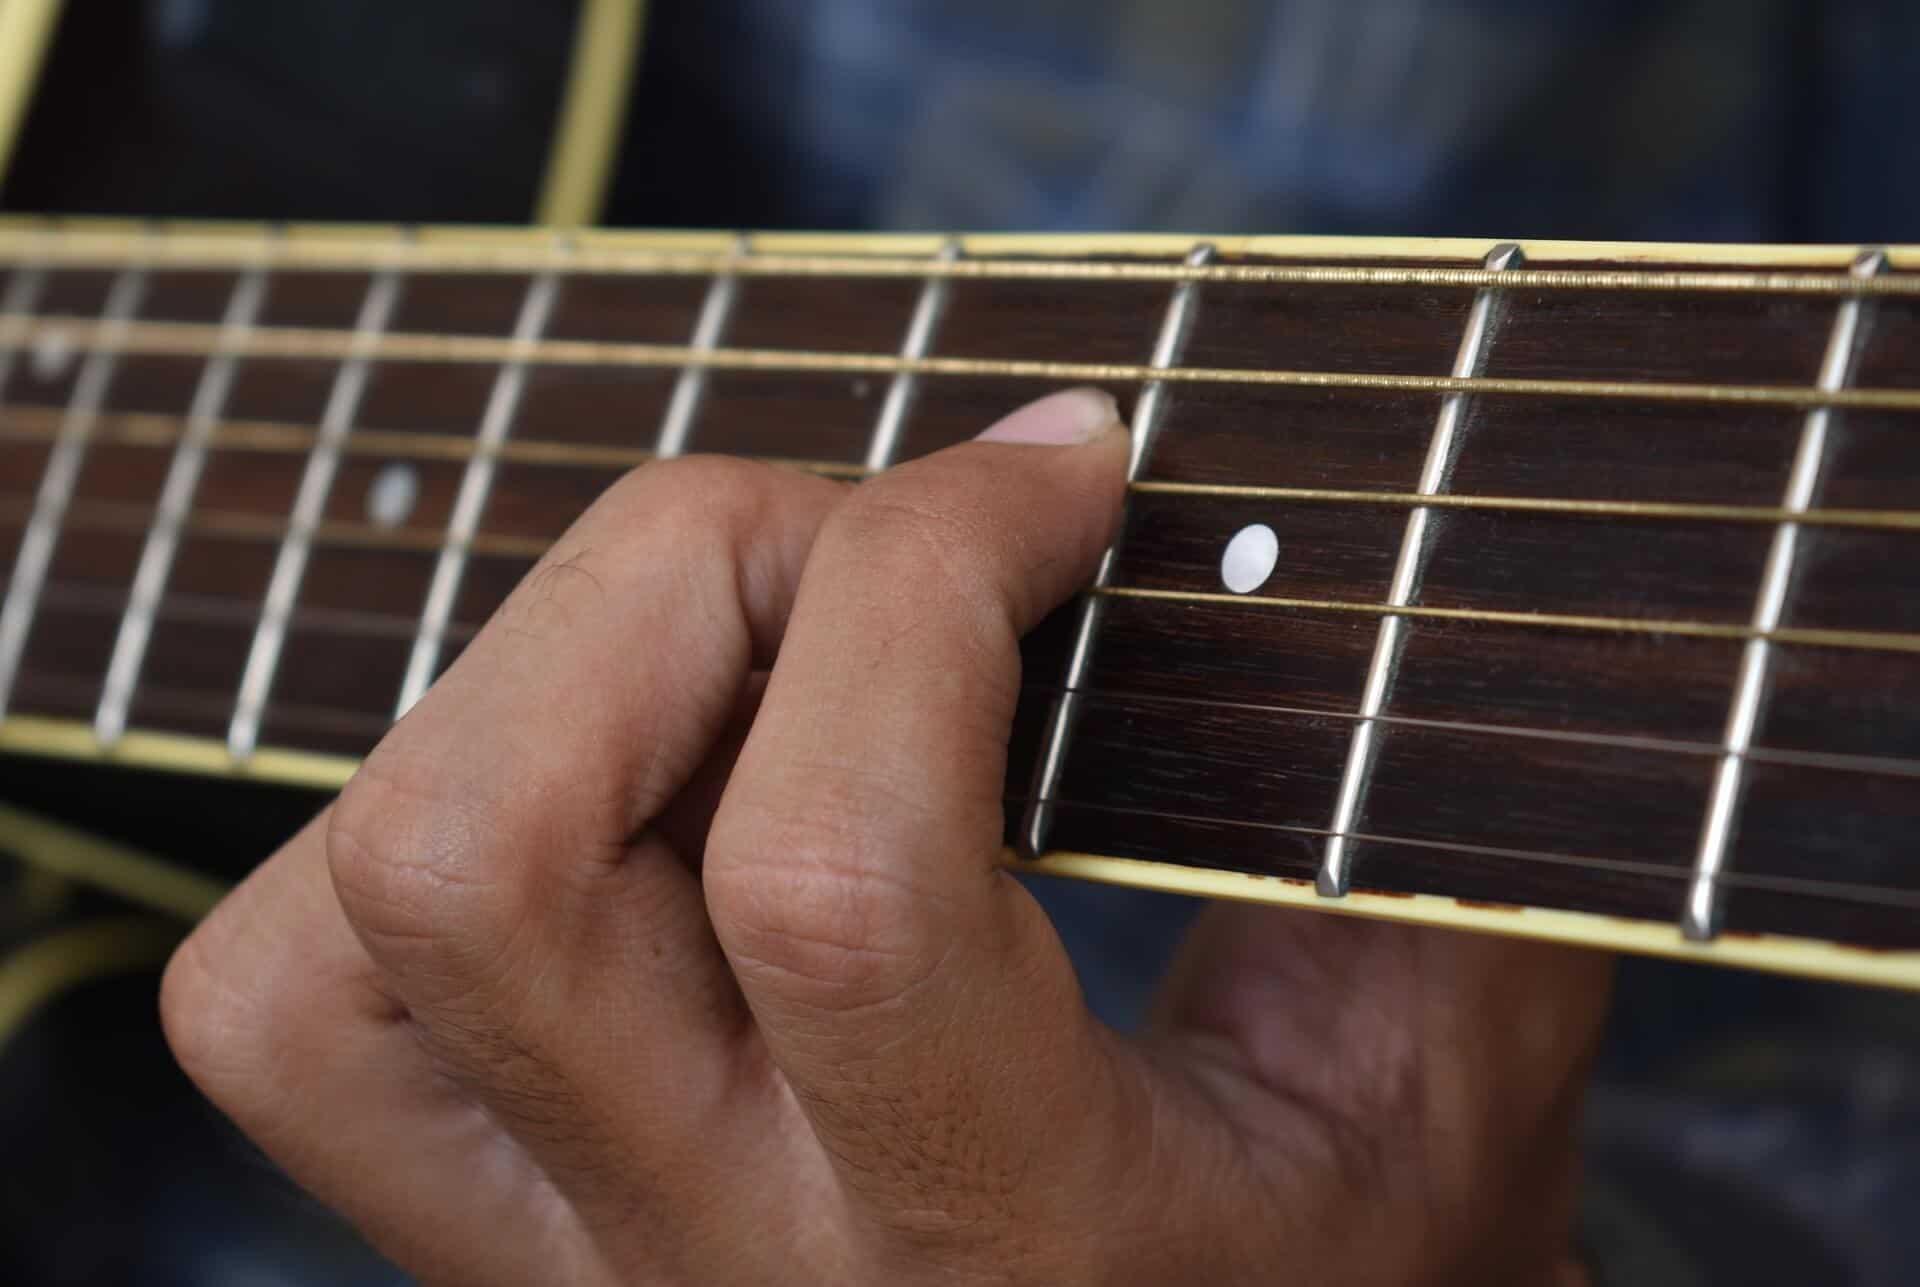 מיתרים מחלידים בגיטרה אקוסטית